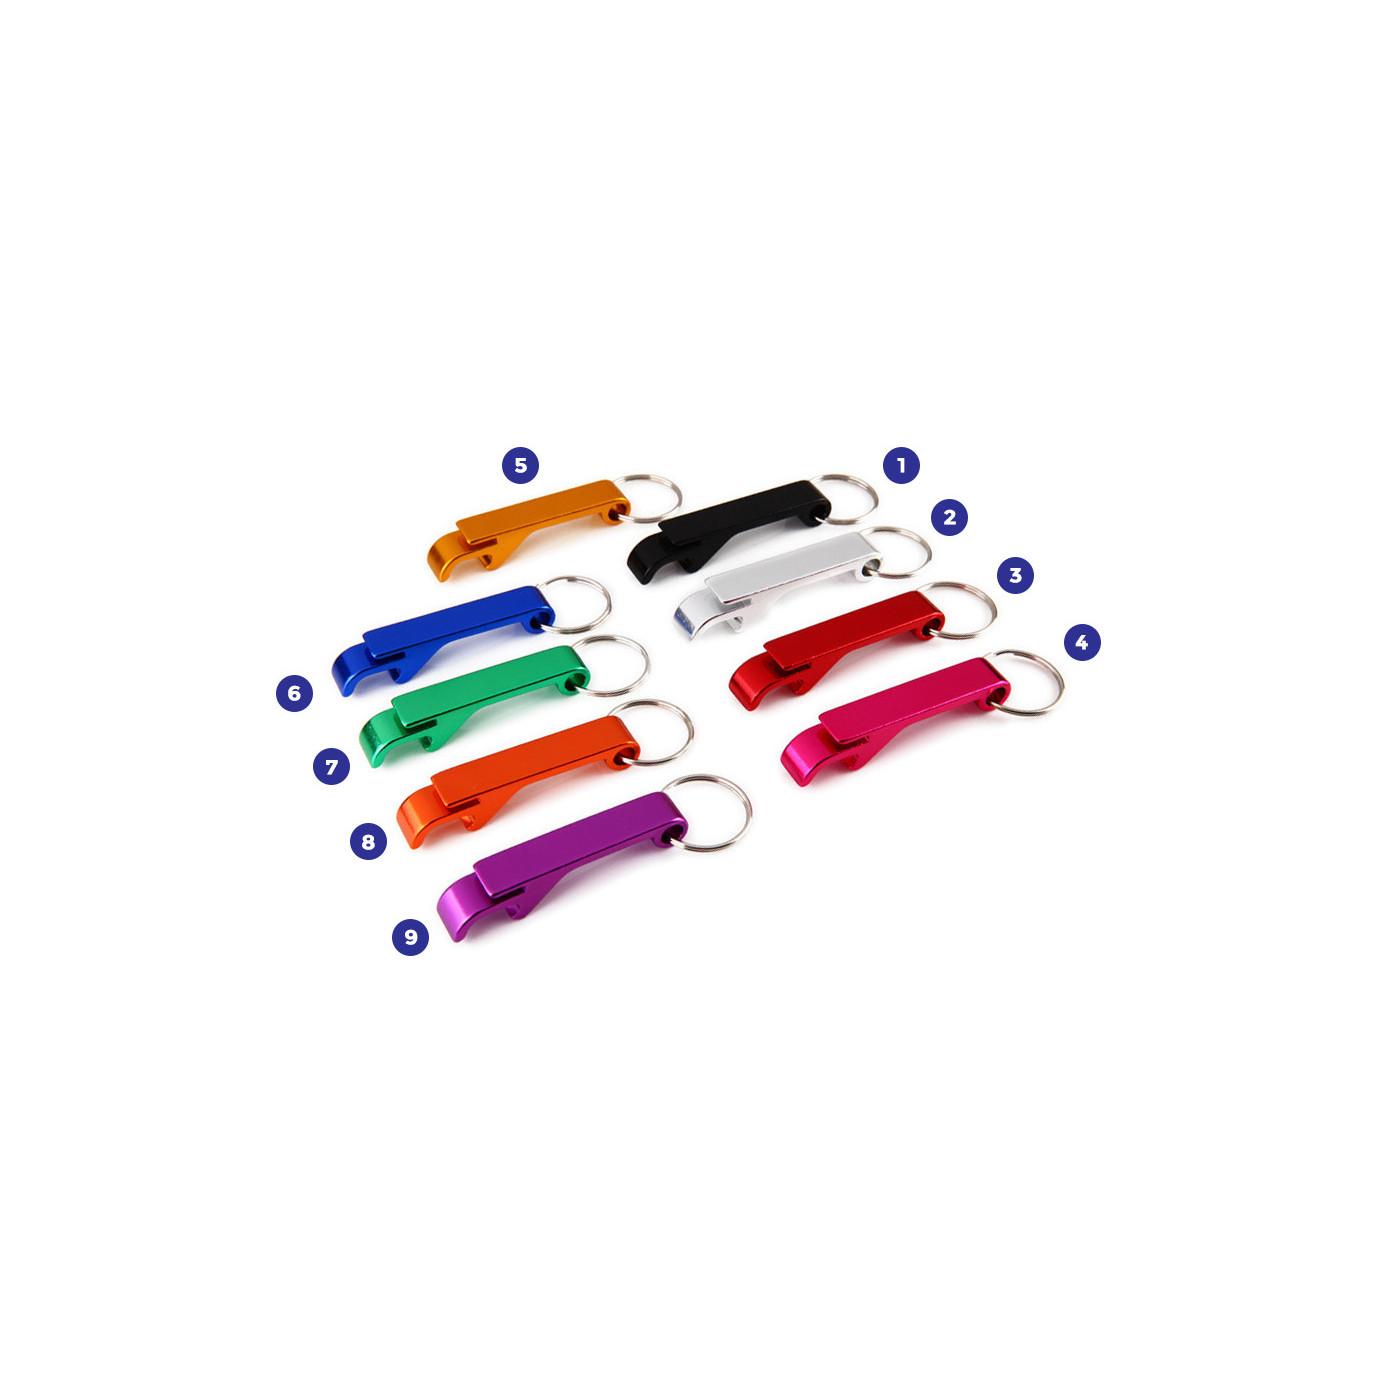 Conjunto de 10 abrebotellas de metal, color 9: morado  - 1